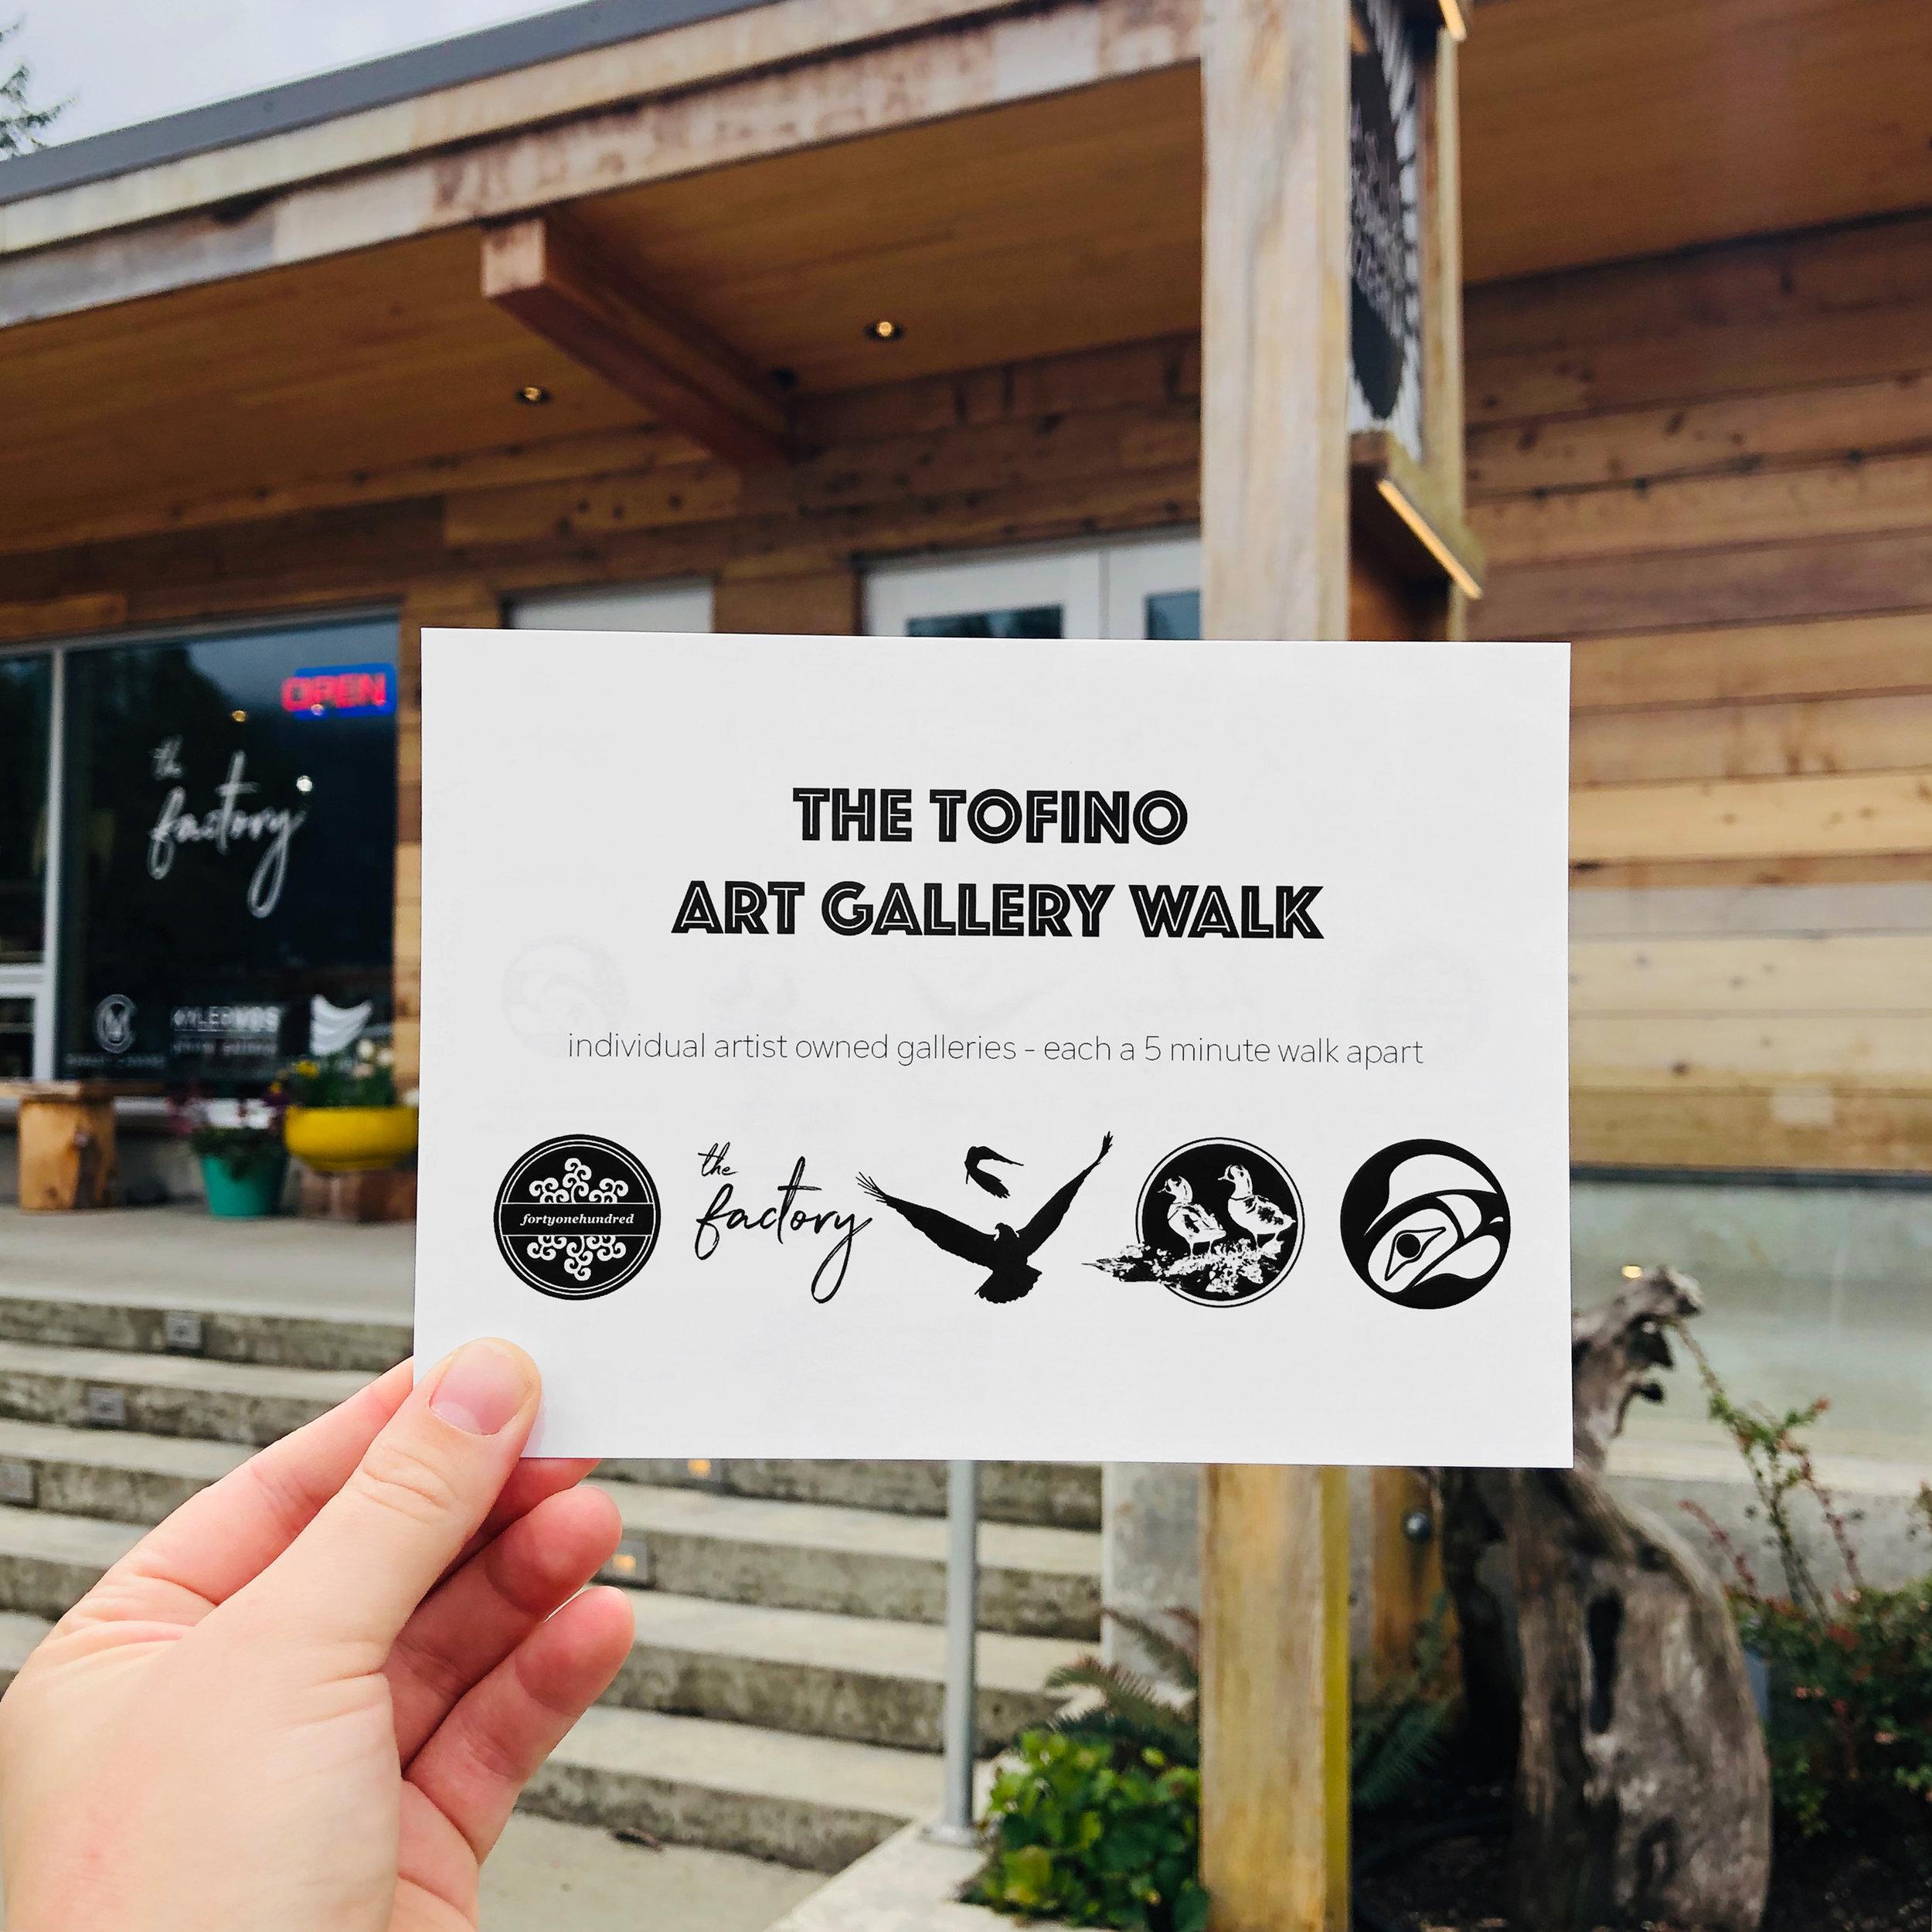 3. The Tofino Art Gallery Walk.jpg